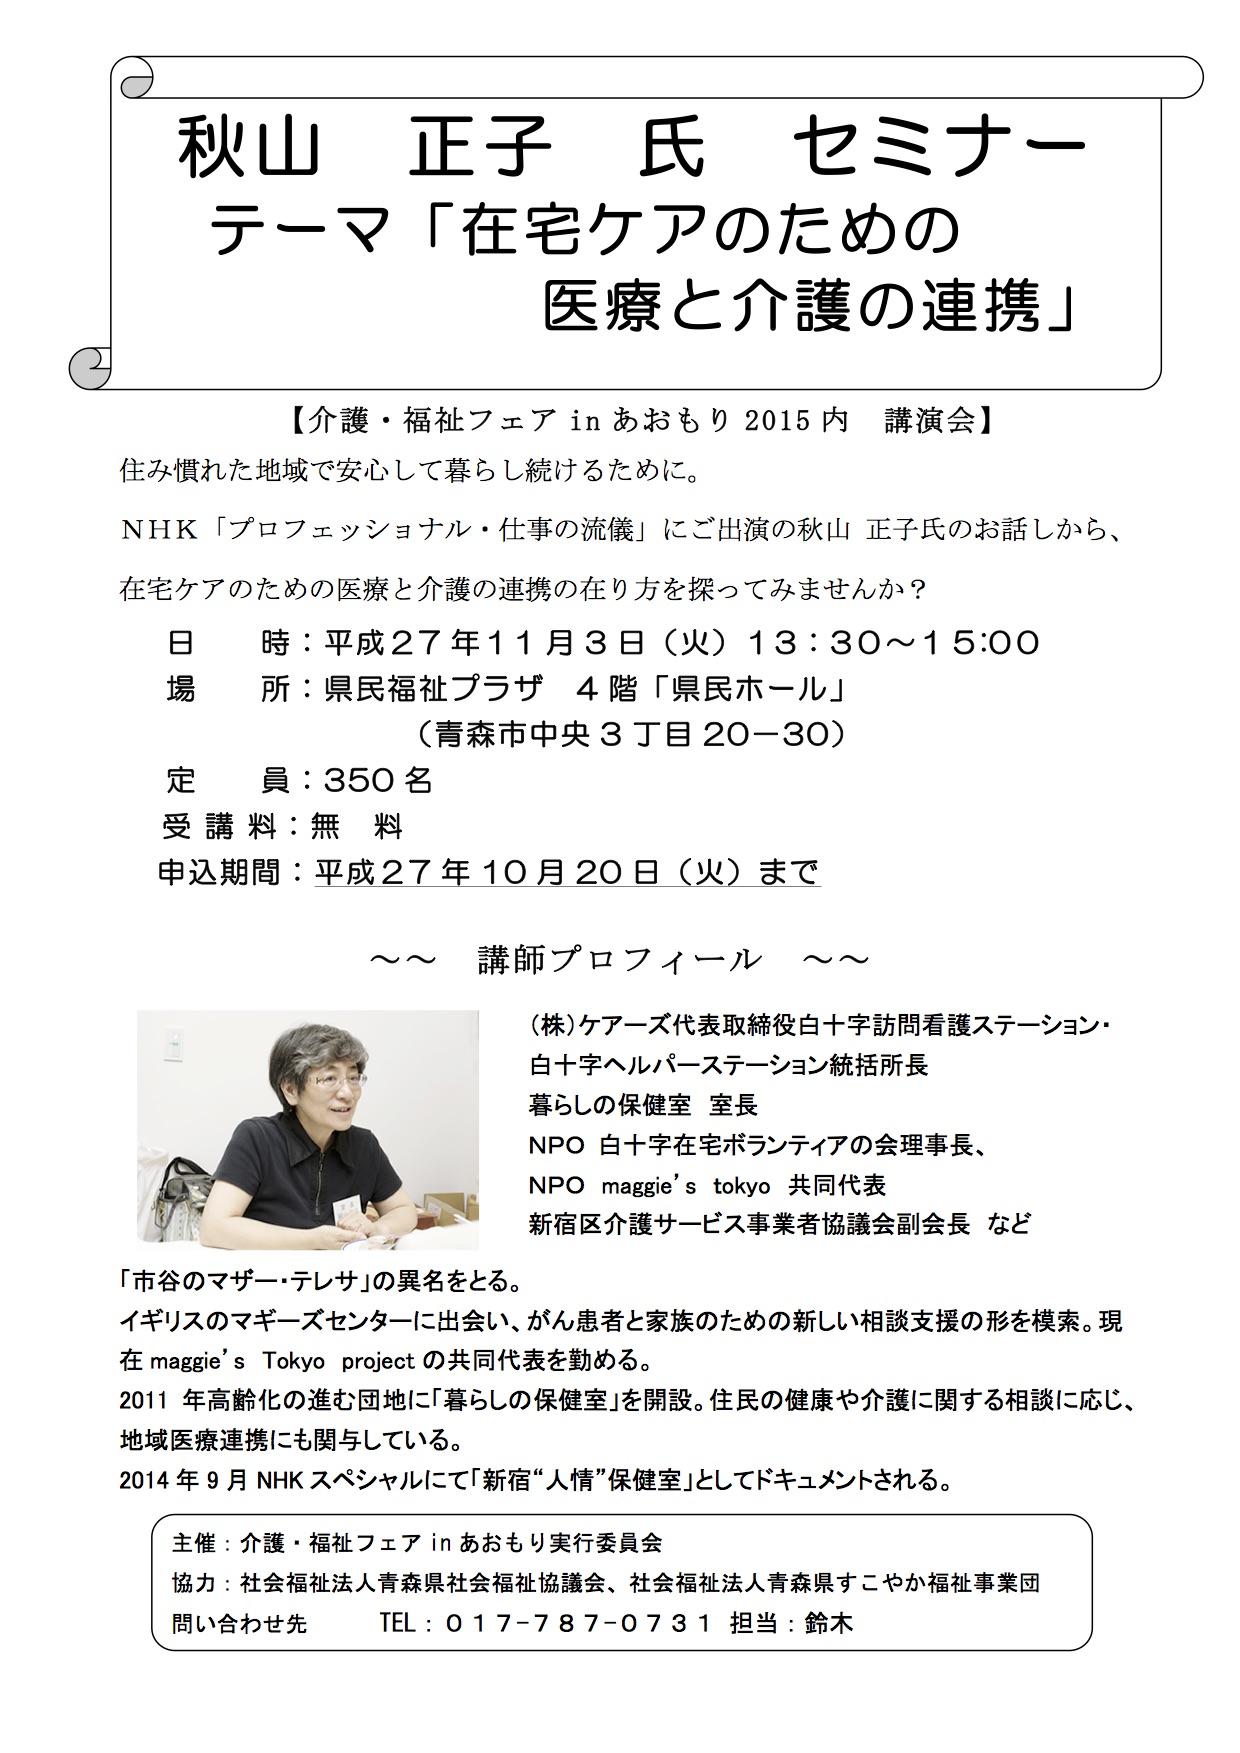 秋山正子氏セミナー「在宅ケアのための医療と介護の連携」_a0103650_1929090.jpg